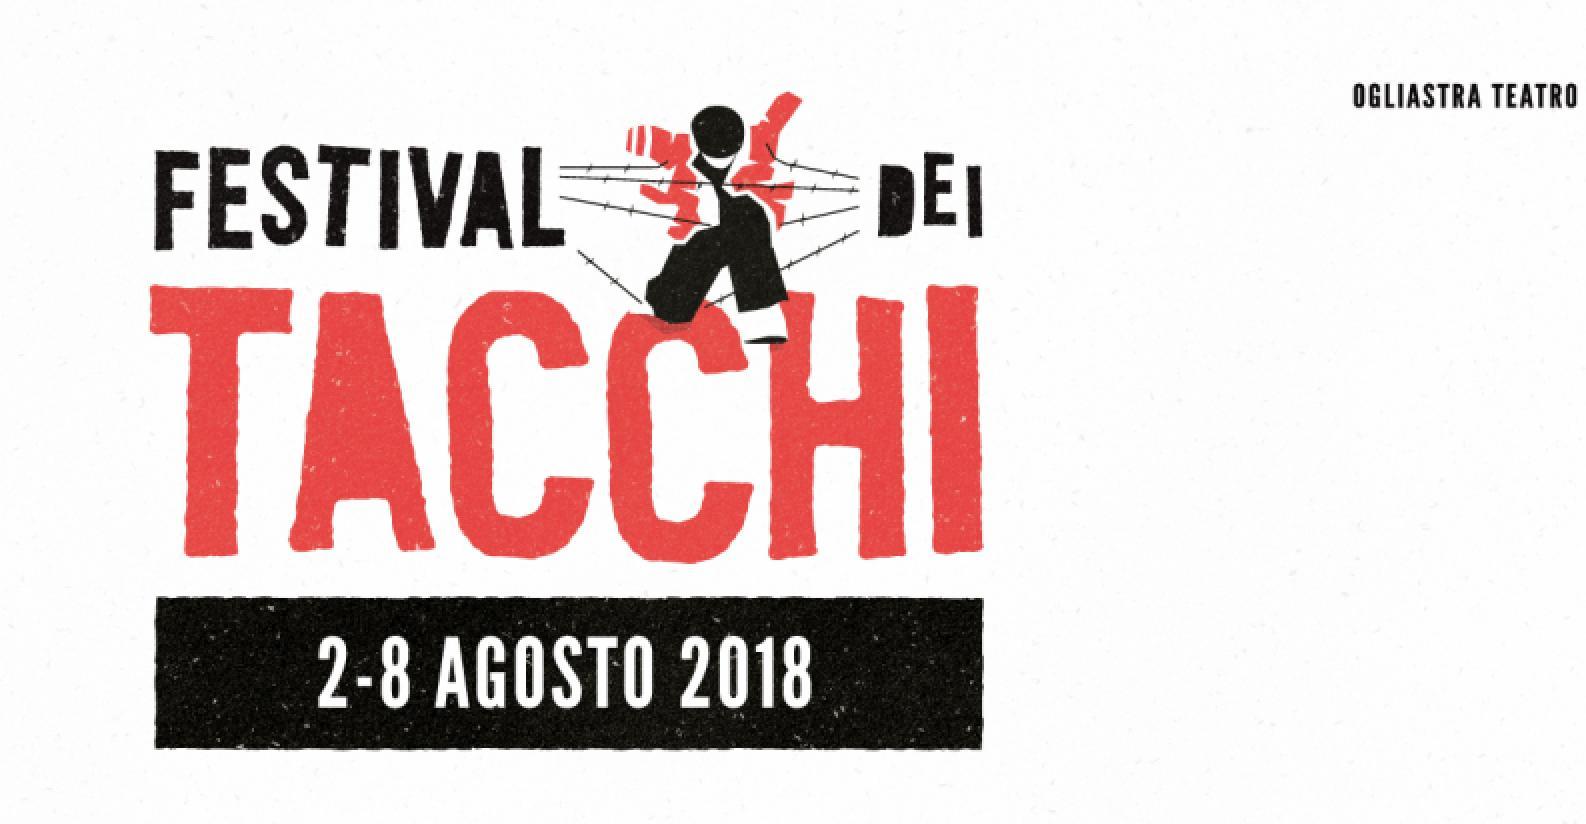 festivaldeitacchi18-facebookcover